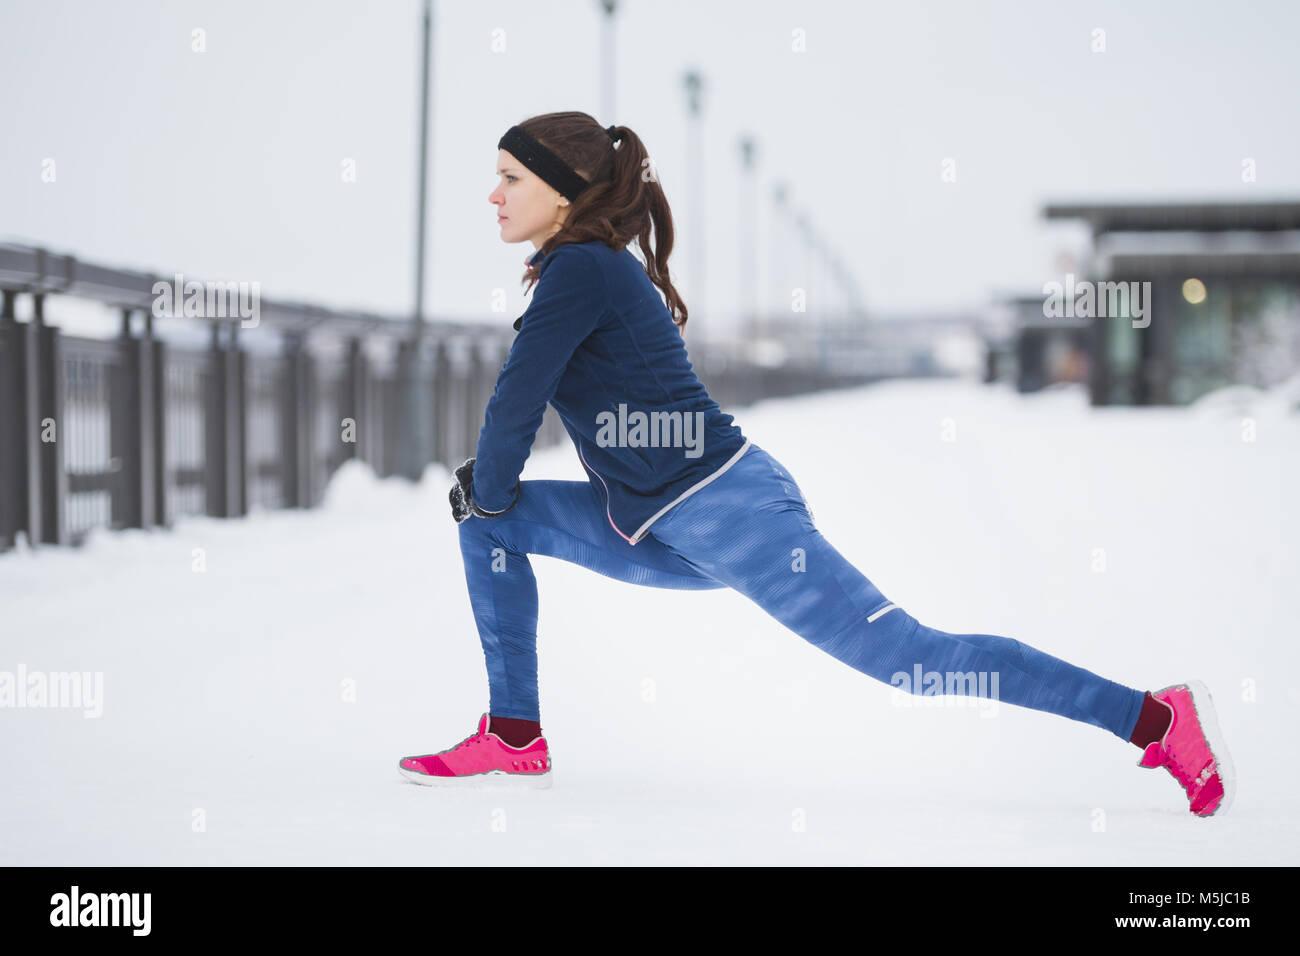 Jeune femme runner faisant de l'exercice de souplesse pour les jambes avant de courir à neige hiver promenade, Photo Stock